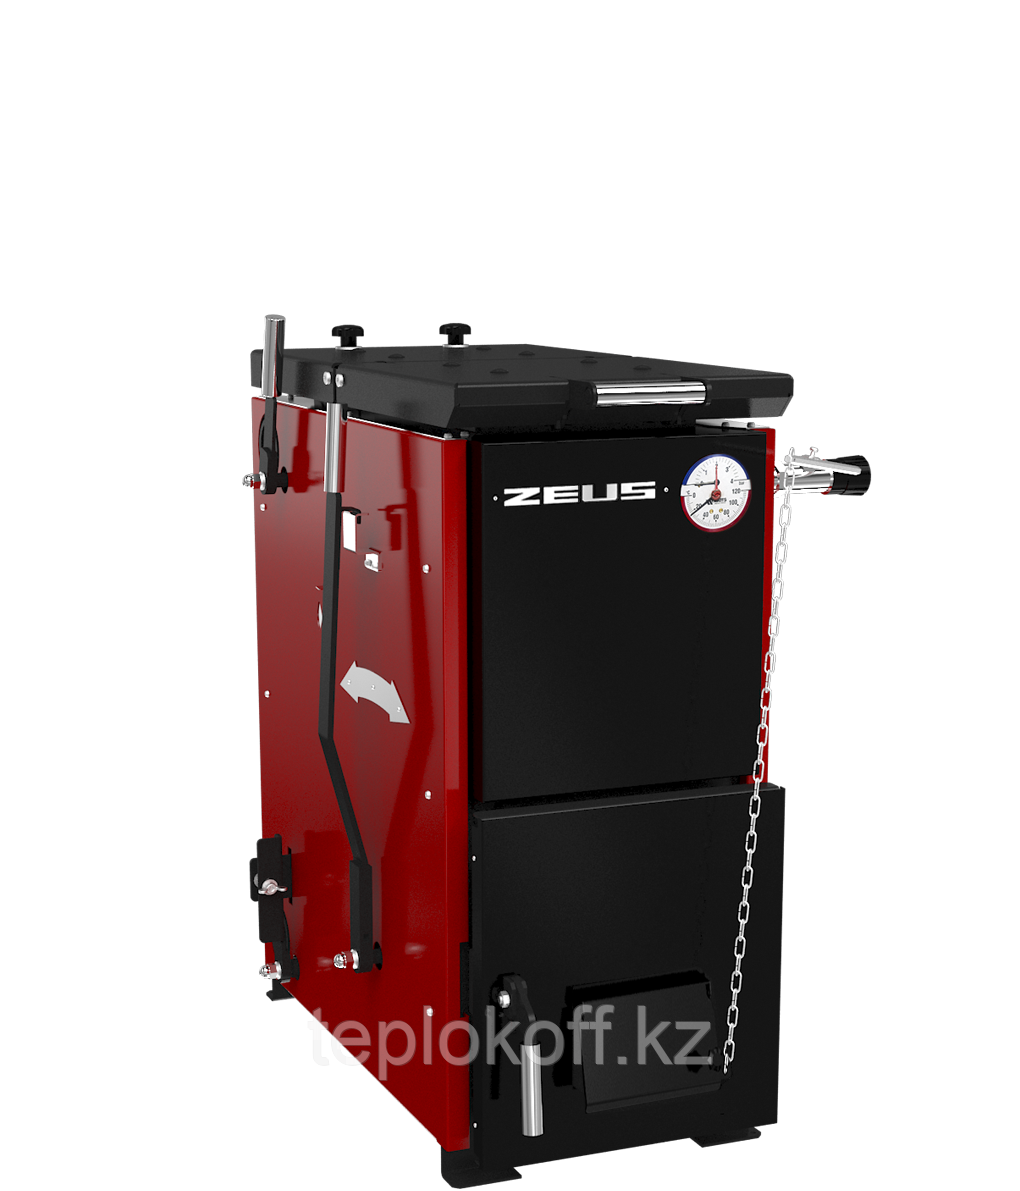 Котел твердотопливный полуавтоматический ZEUS («Зевс») 20 кВт